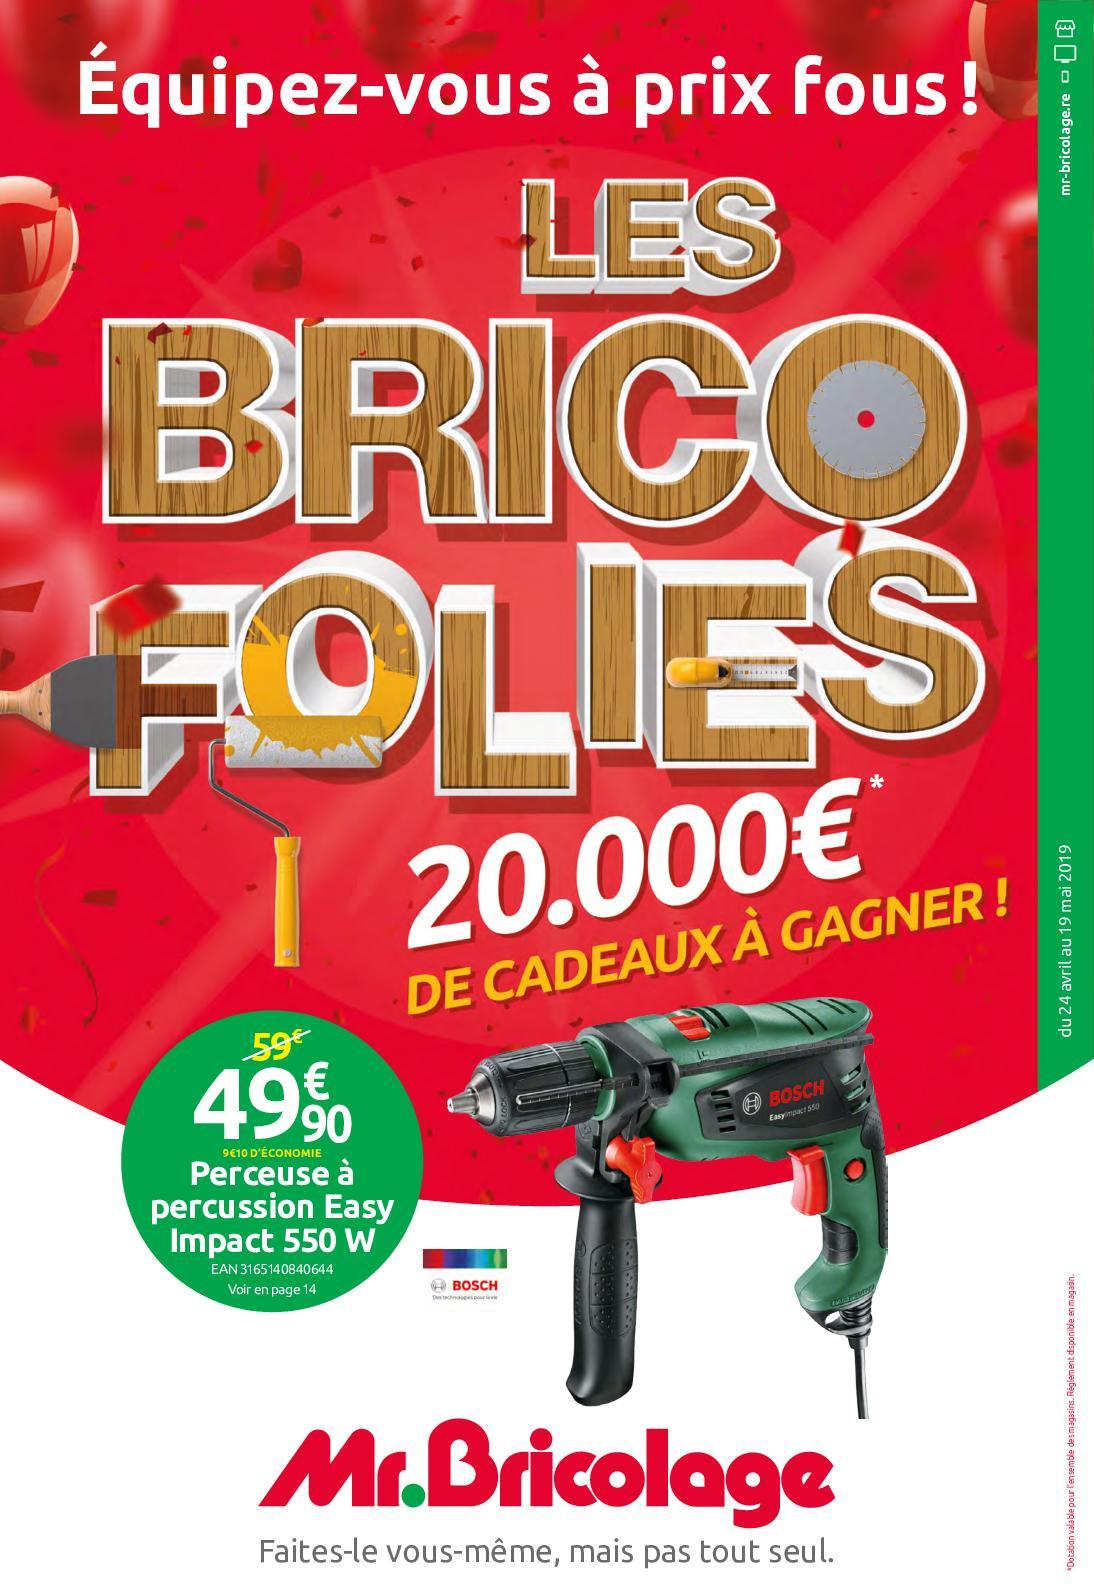 Calaméo 04 Mb Bricofolies Bat Final B